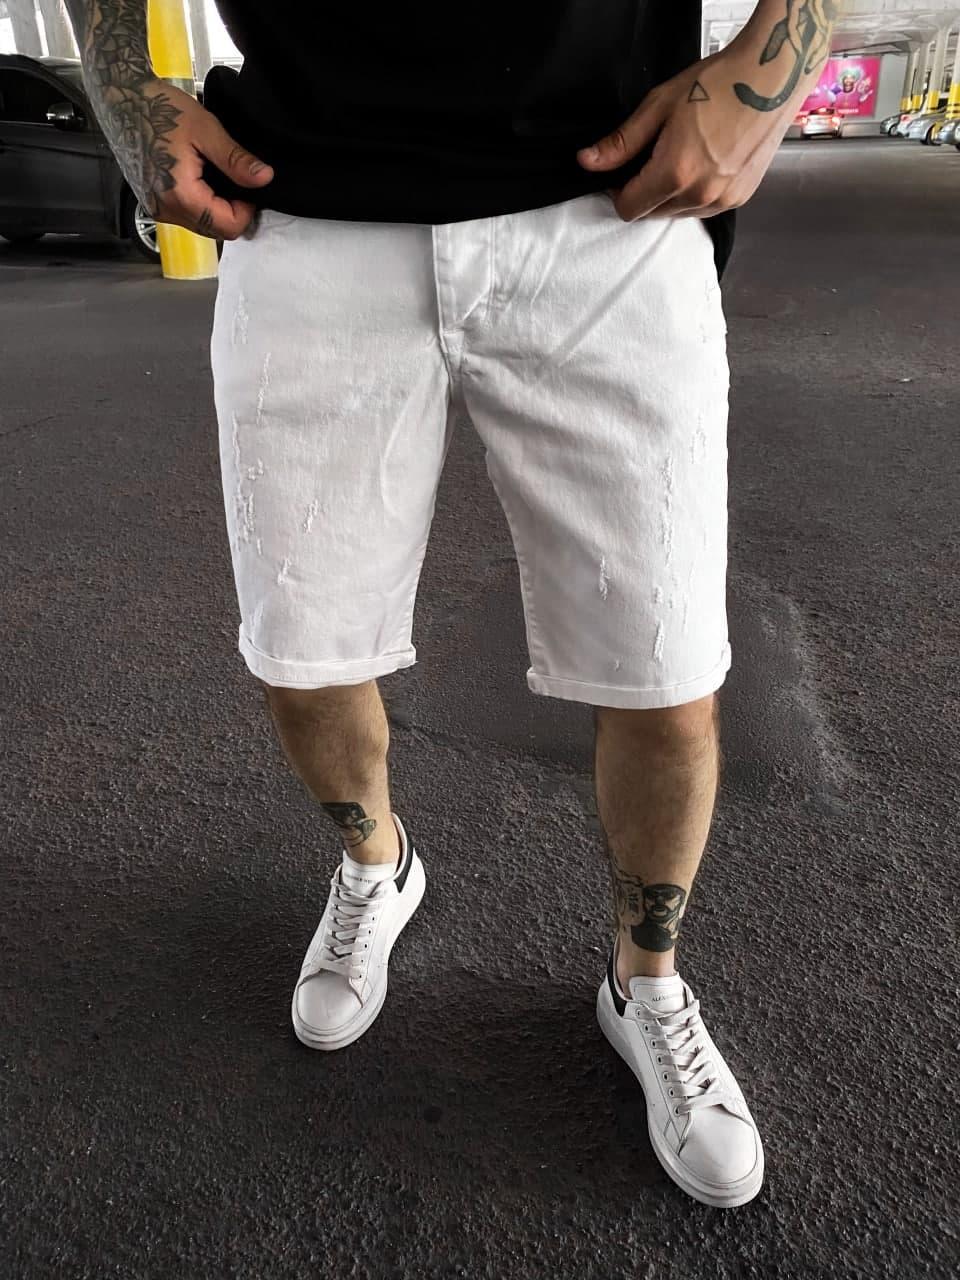 Мужские джинсовые шорты белого цвета поцарапанные